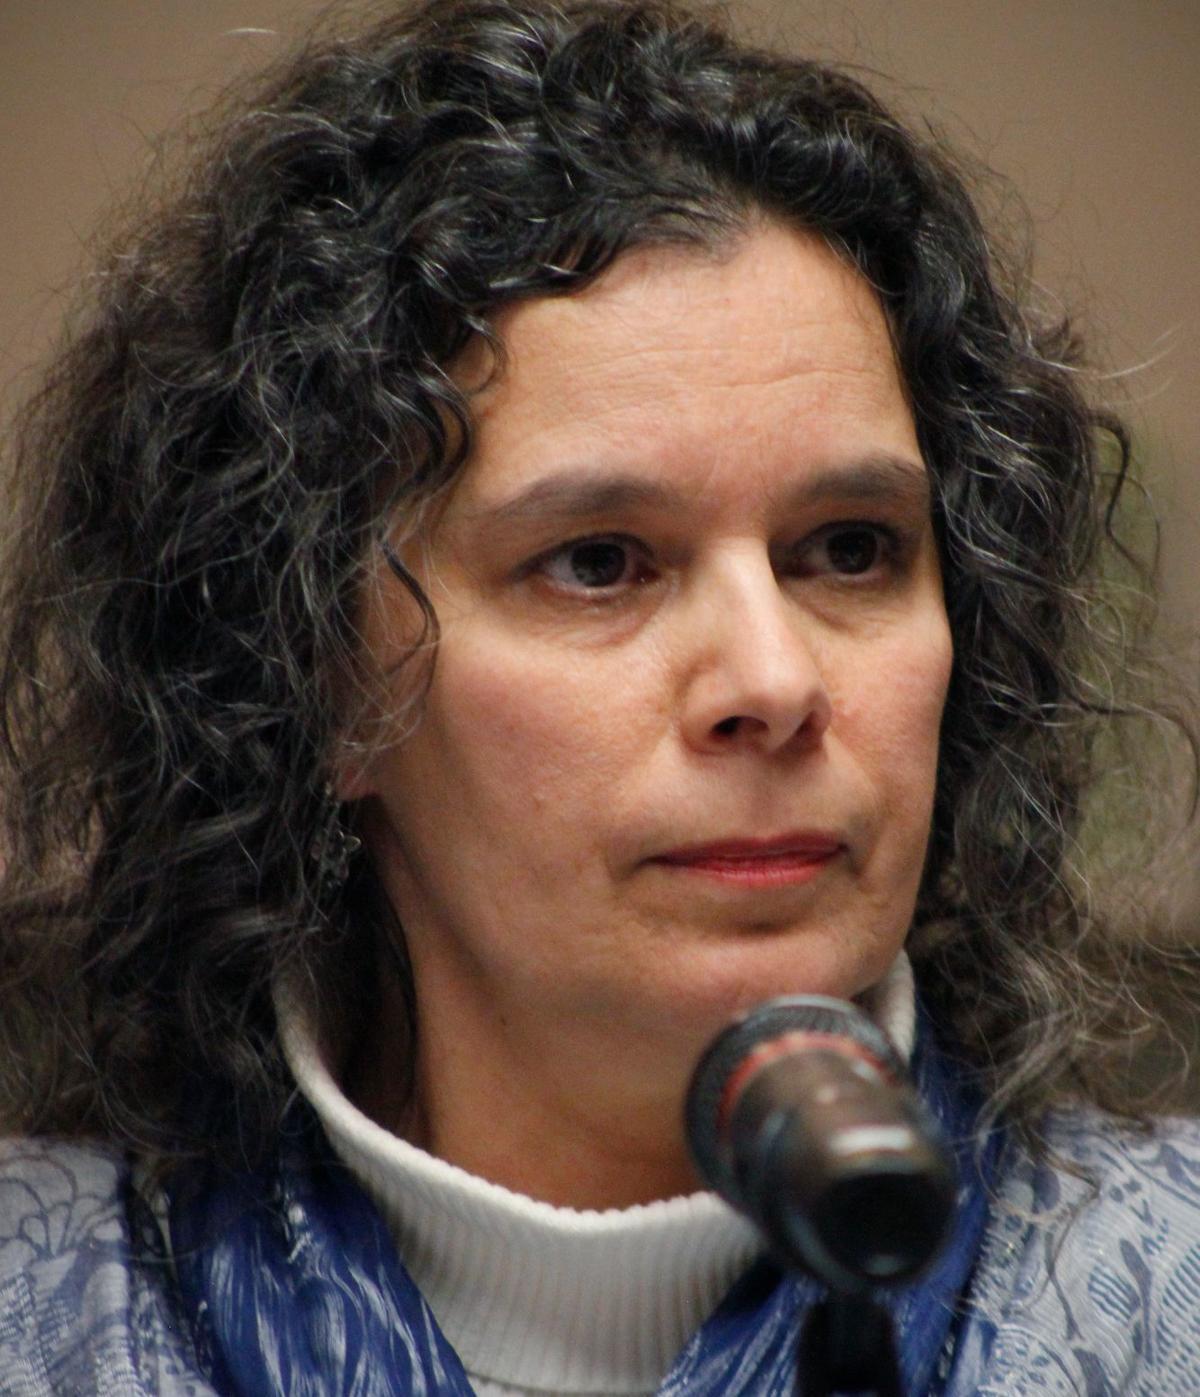 City council member Denise Joy